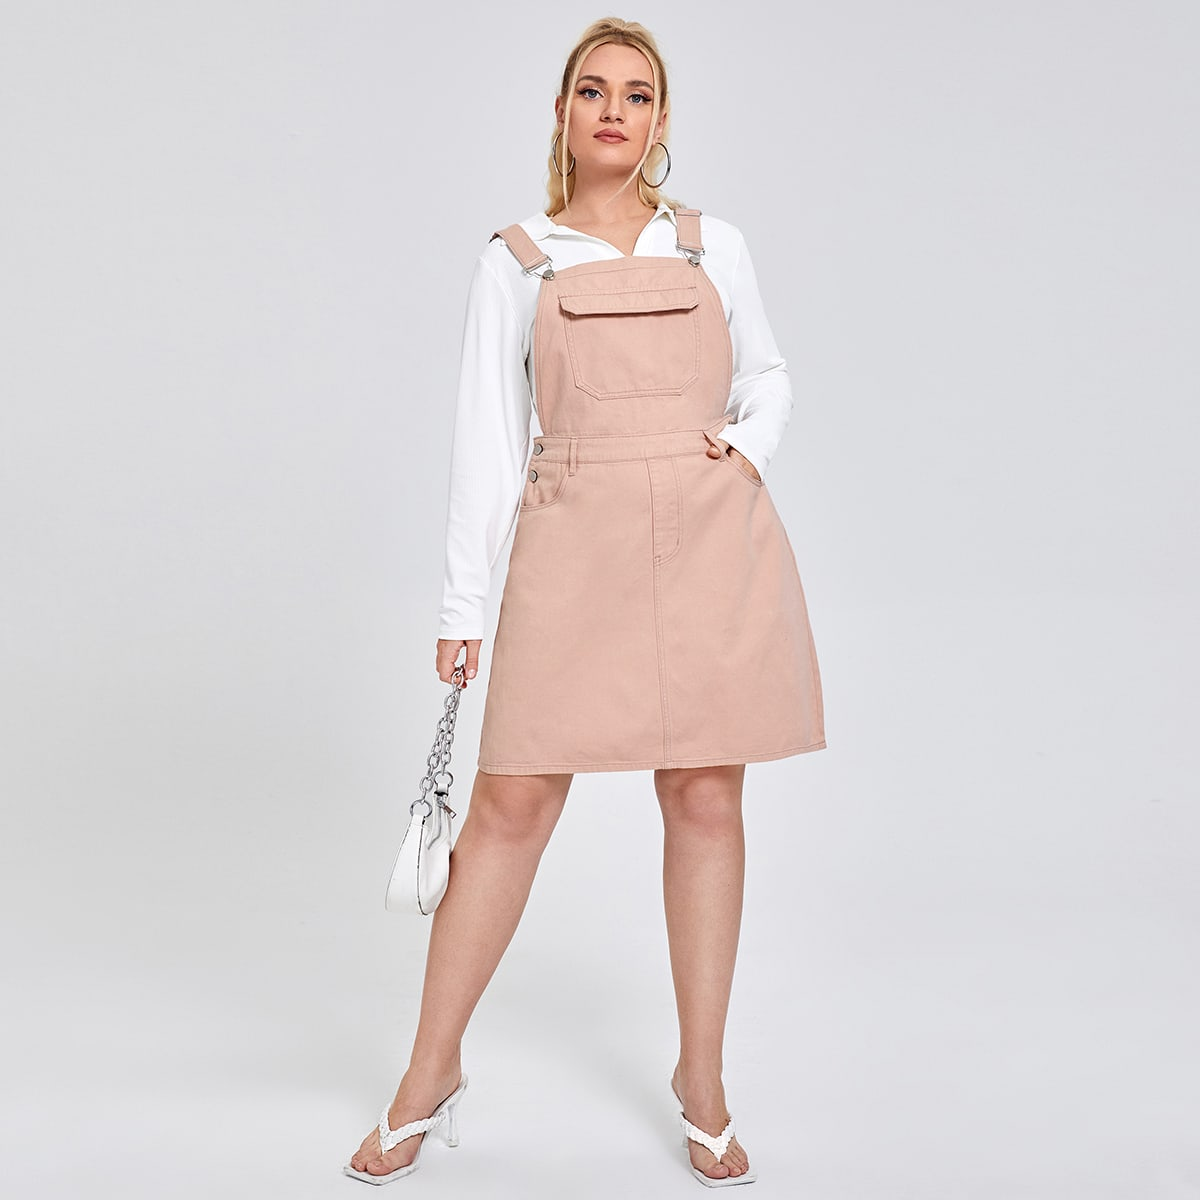 Джинсовое платье размера плюс с карманом